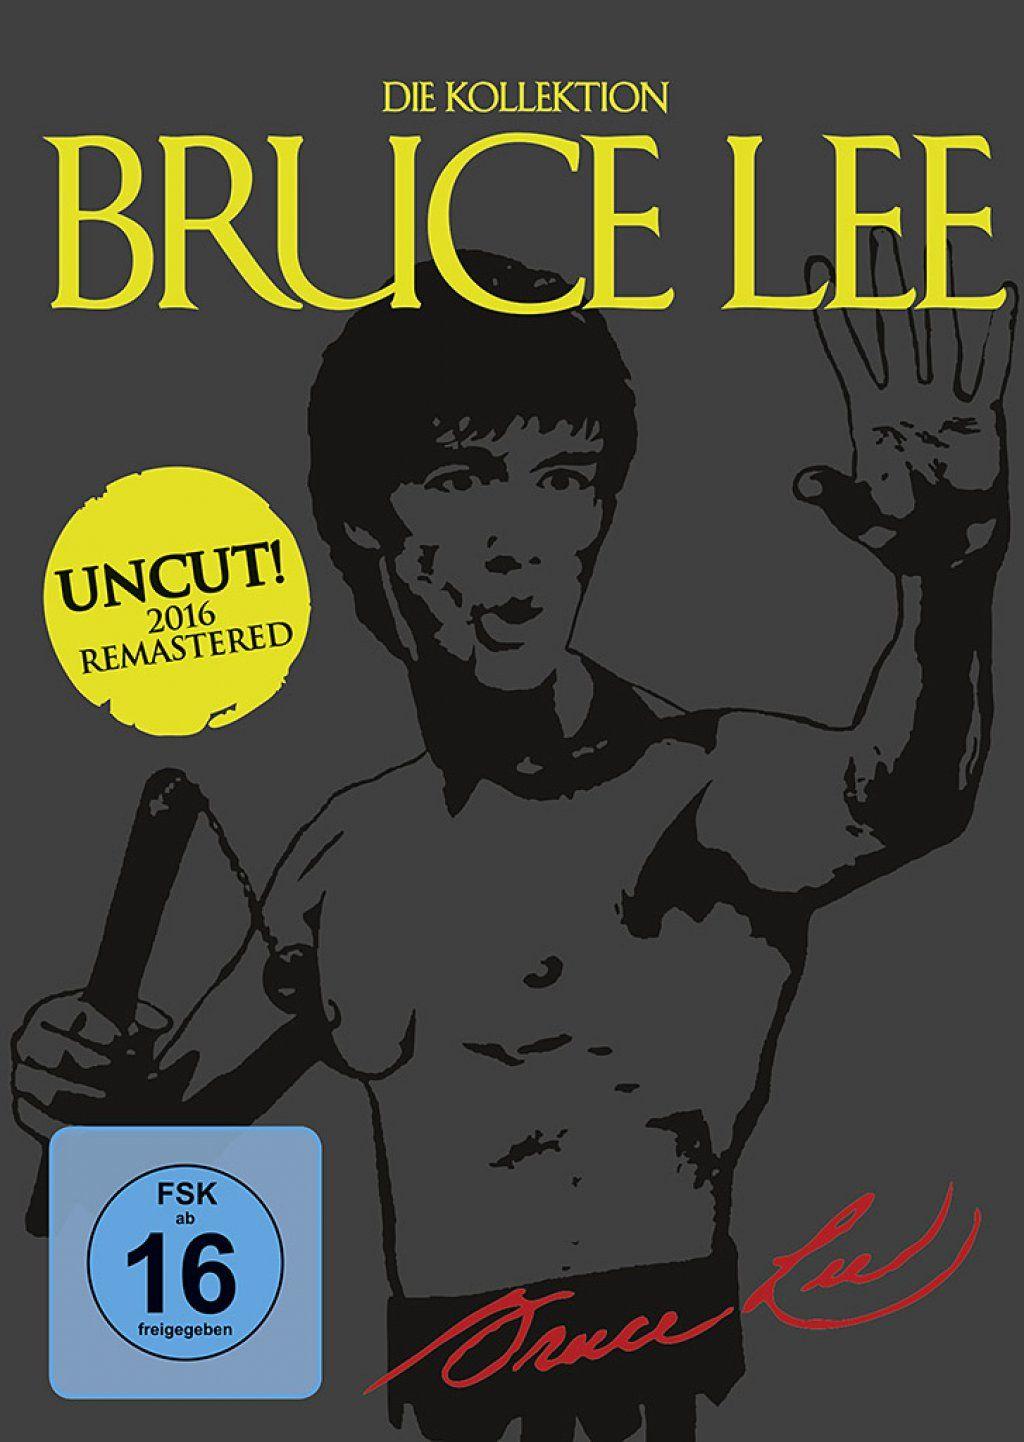 Bruce Lee - Die Kollektion (4 Discs) (Uncut)